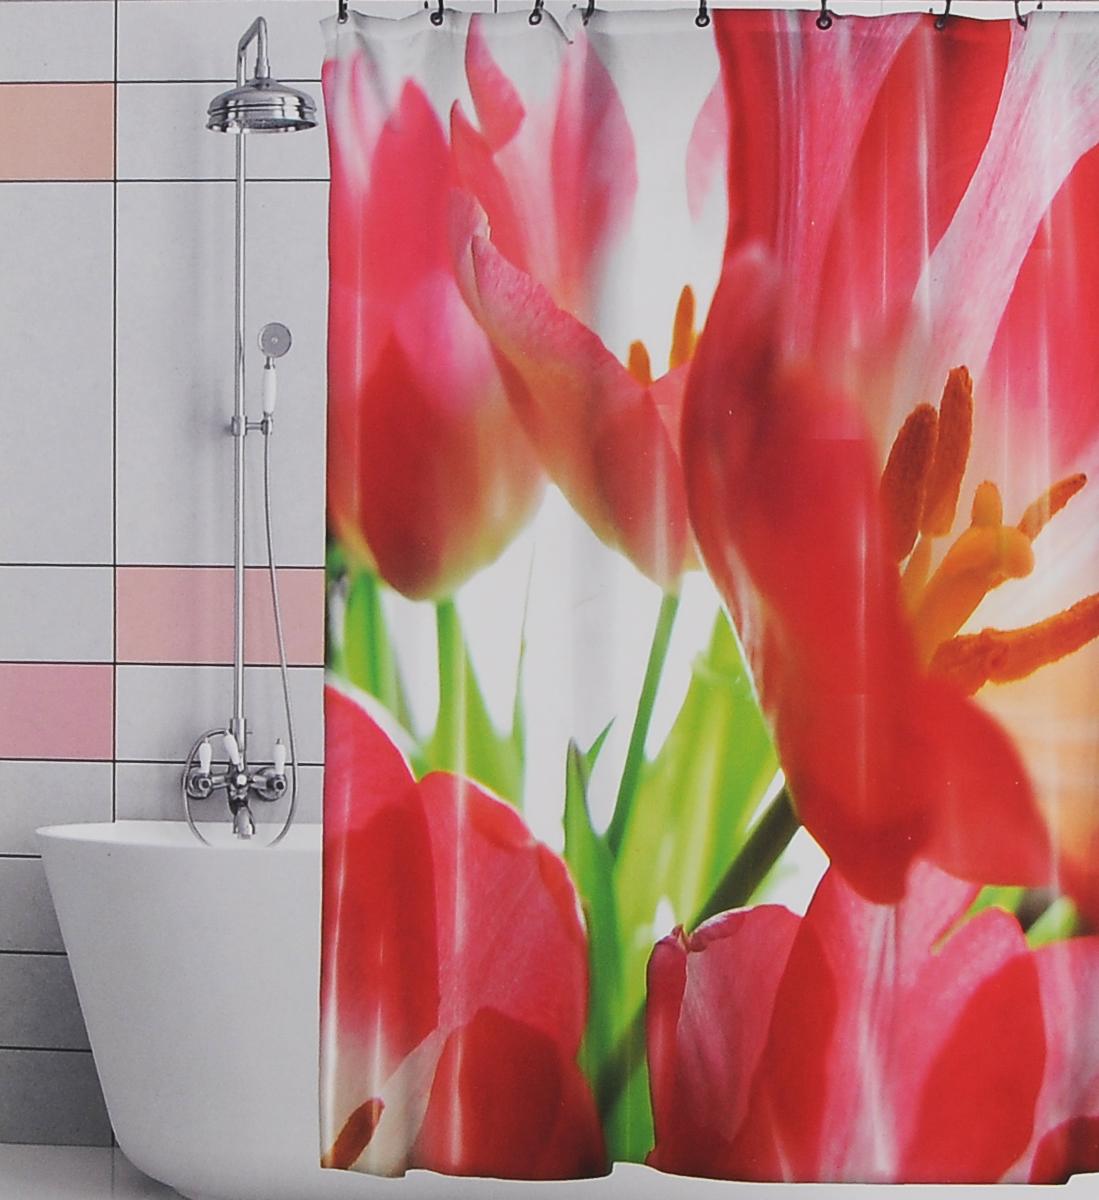 Штора для ванной Valiant Красные тюльпаны, цвет: белый, красный, 180 см х 180 смRTШтора для ванной комнаты Valiant Красные тюльпаны из 100% плотного полиэстера с водоотталкивающей поверхностью идеально защищает ванную комнату от брызг. В верхней кромке шторы предусмотрены отверстия для пластиковых колец (входят в комплект), а в нижней кромке шторы скрыт гибкий шнур, который поддерживает ее в естественной расправленной форме. Штору можно легко почистить мягкой губкой с мылом или постирать ее с мягким моющим средством в деликатном режиме. Количество колец: 12 шт.